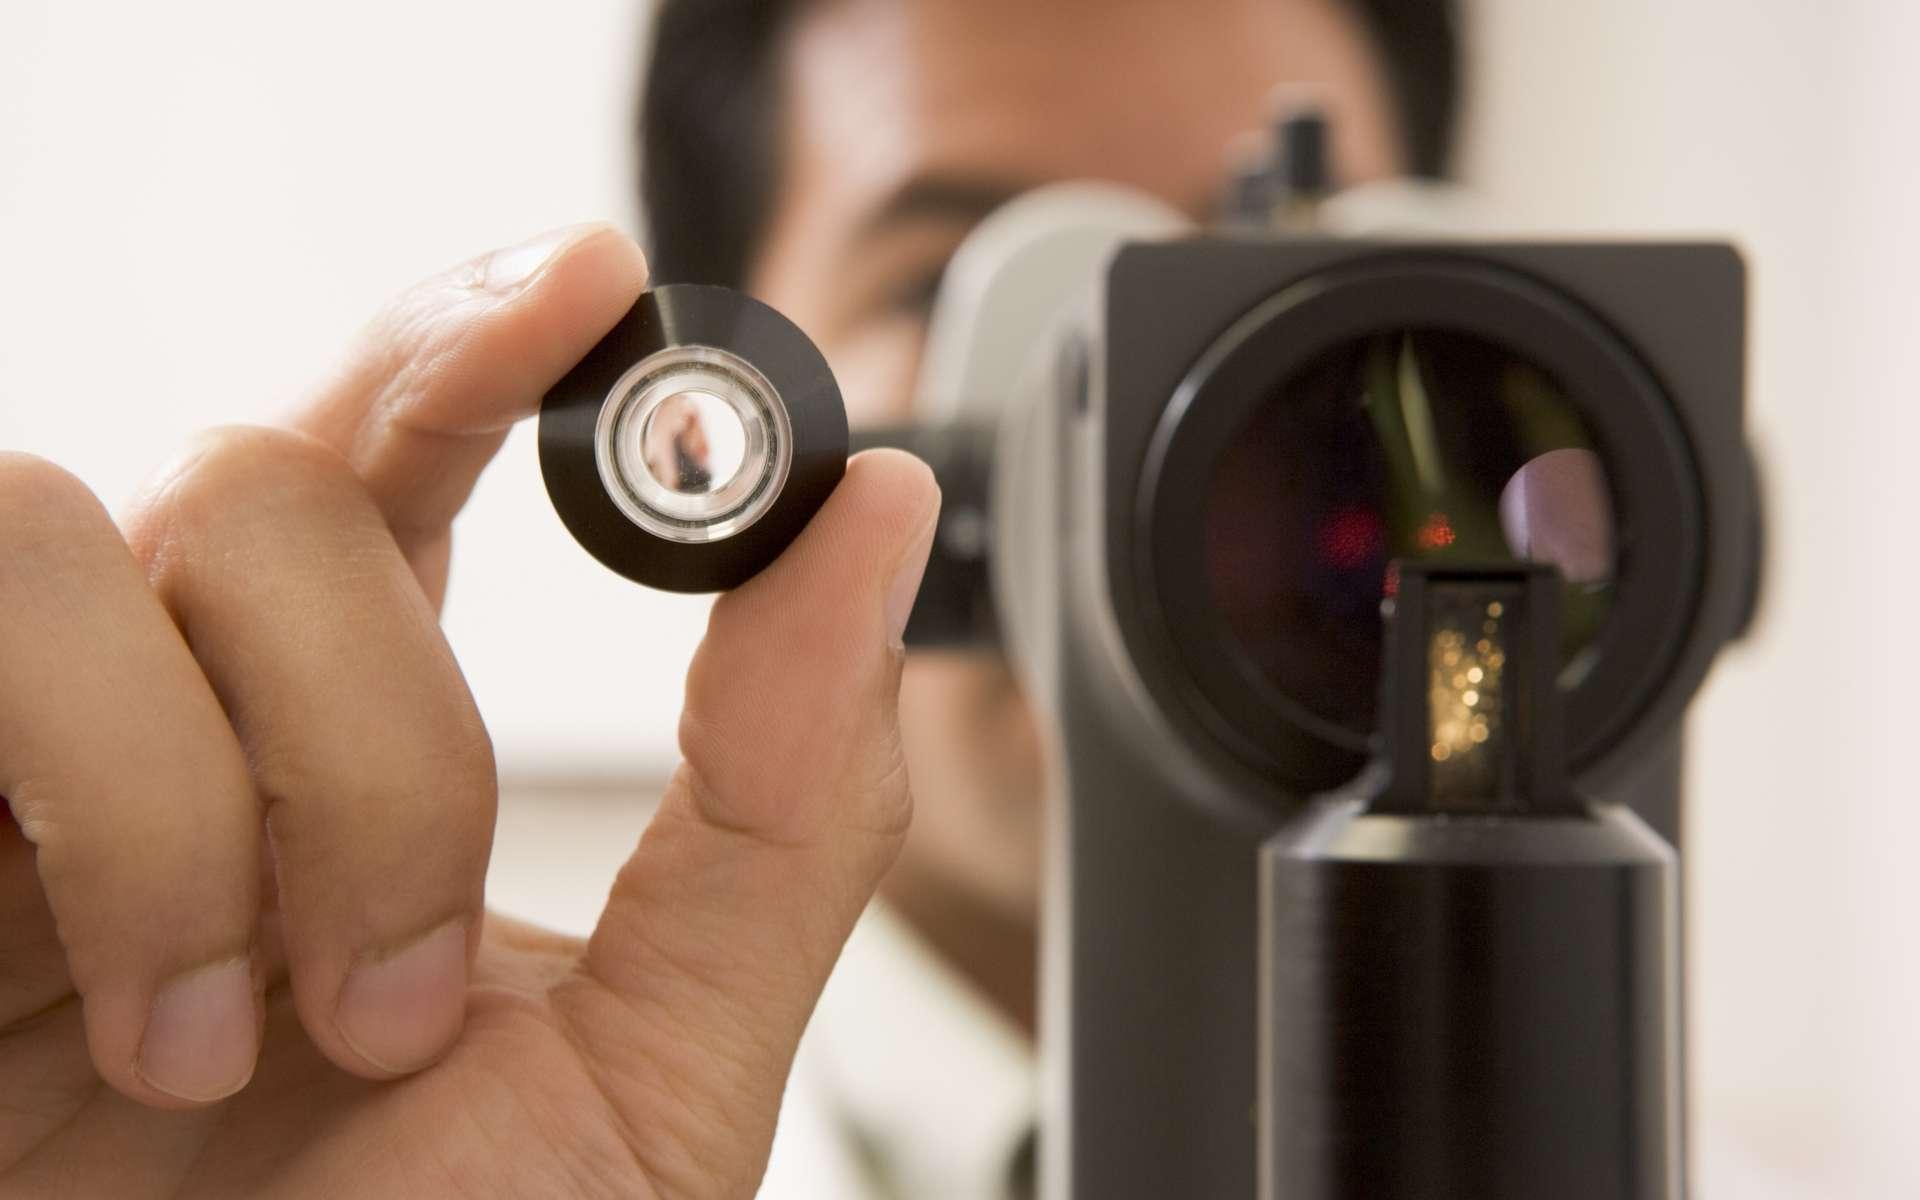 L'hydrophtalmie est due à une pression intraoculaire trop élevée. ©Phovoir